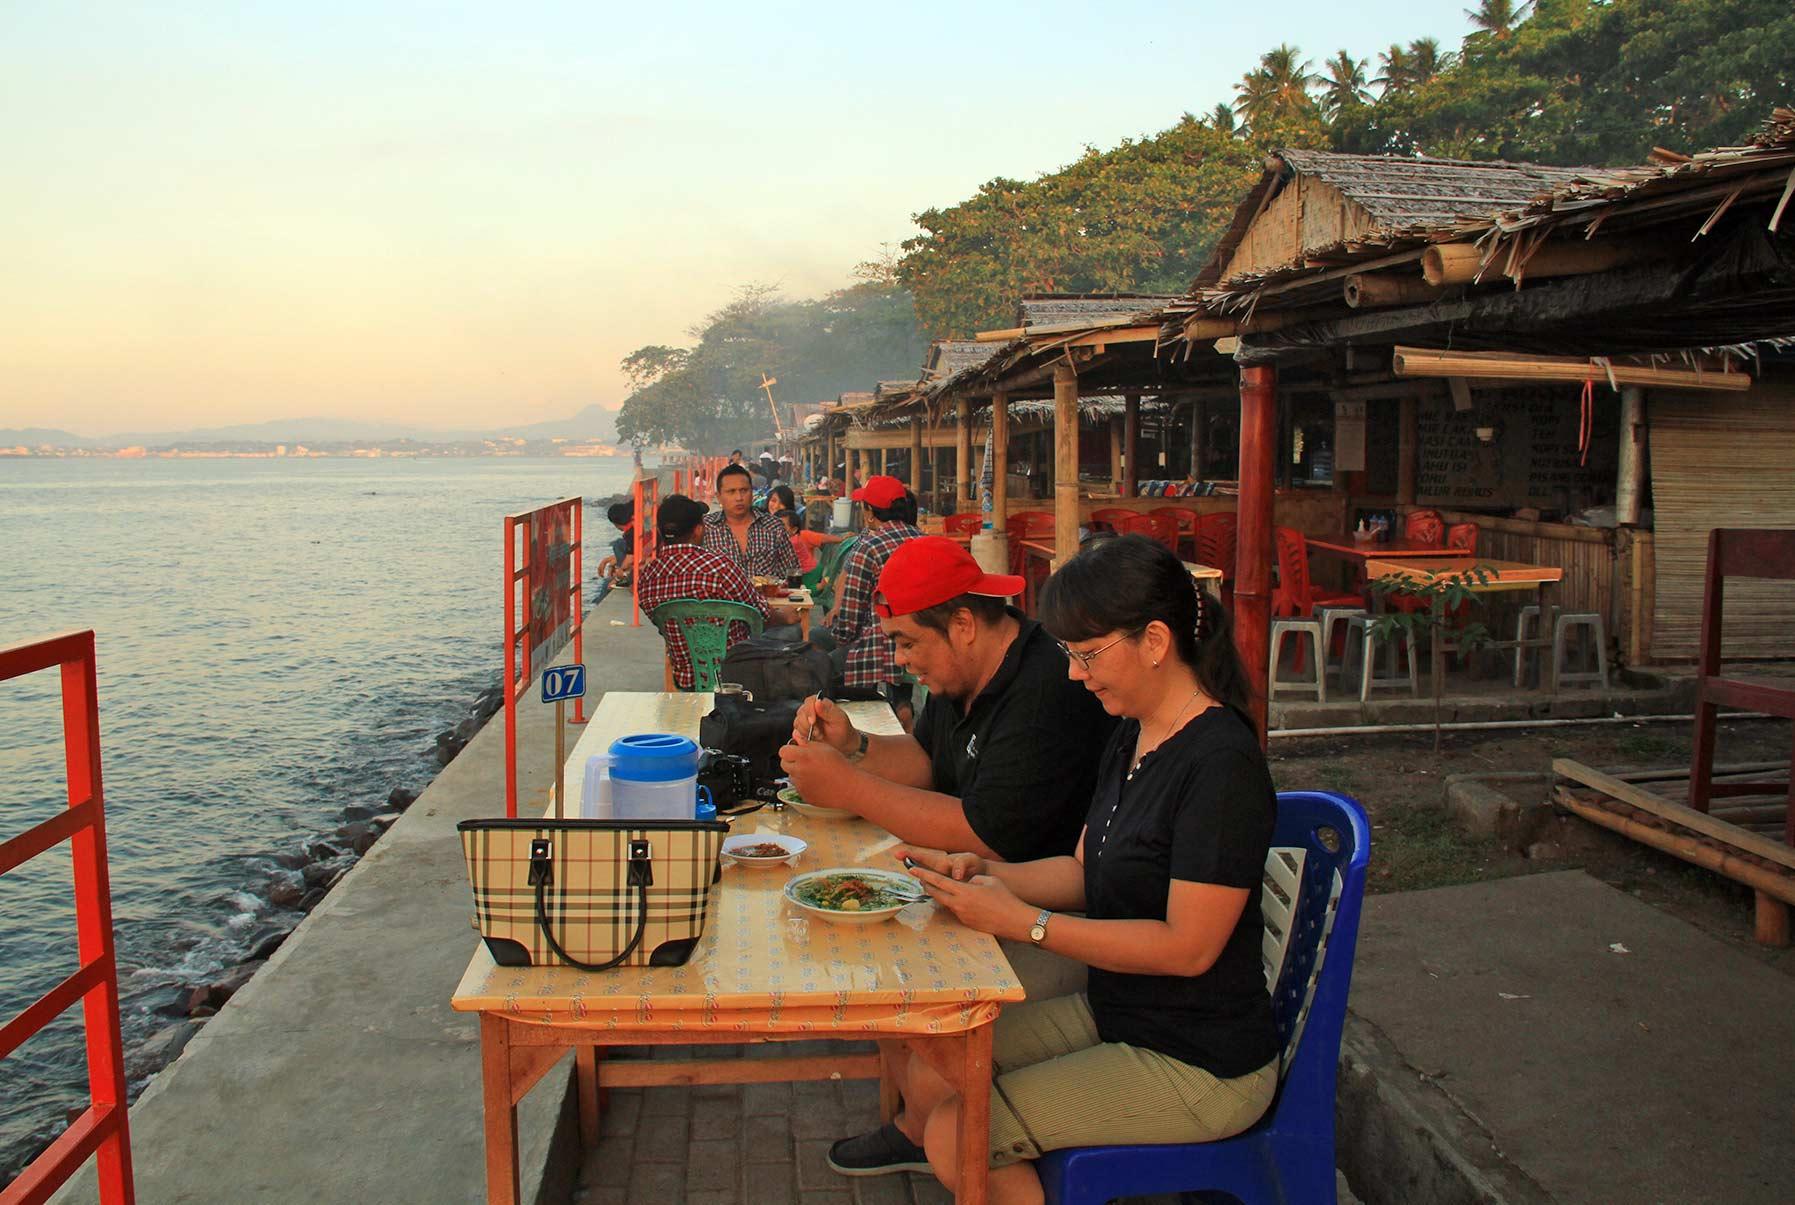 Catat 5 Wisata Gratis Manado Blog Ronny Buol Pengunjung Menikmati